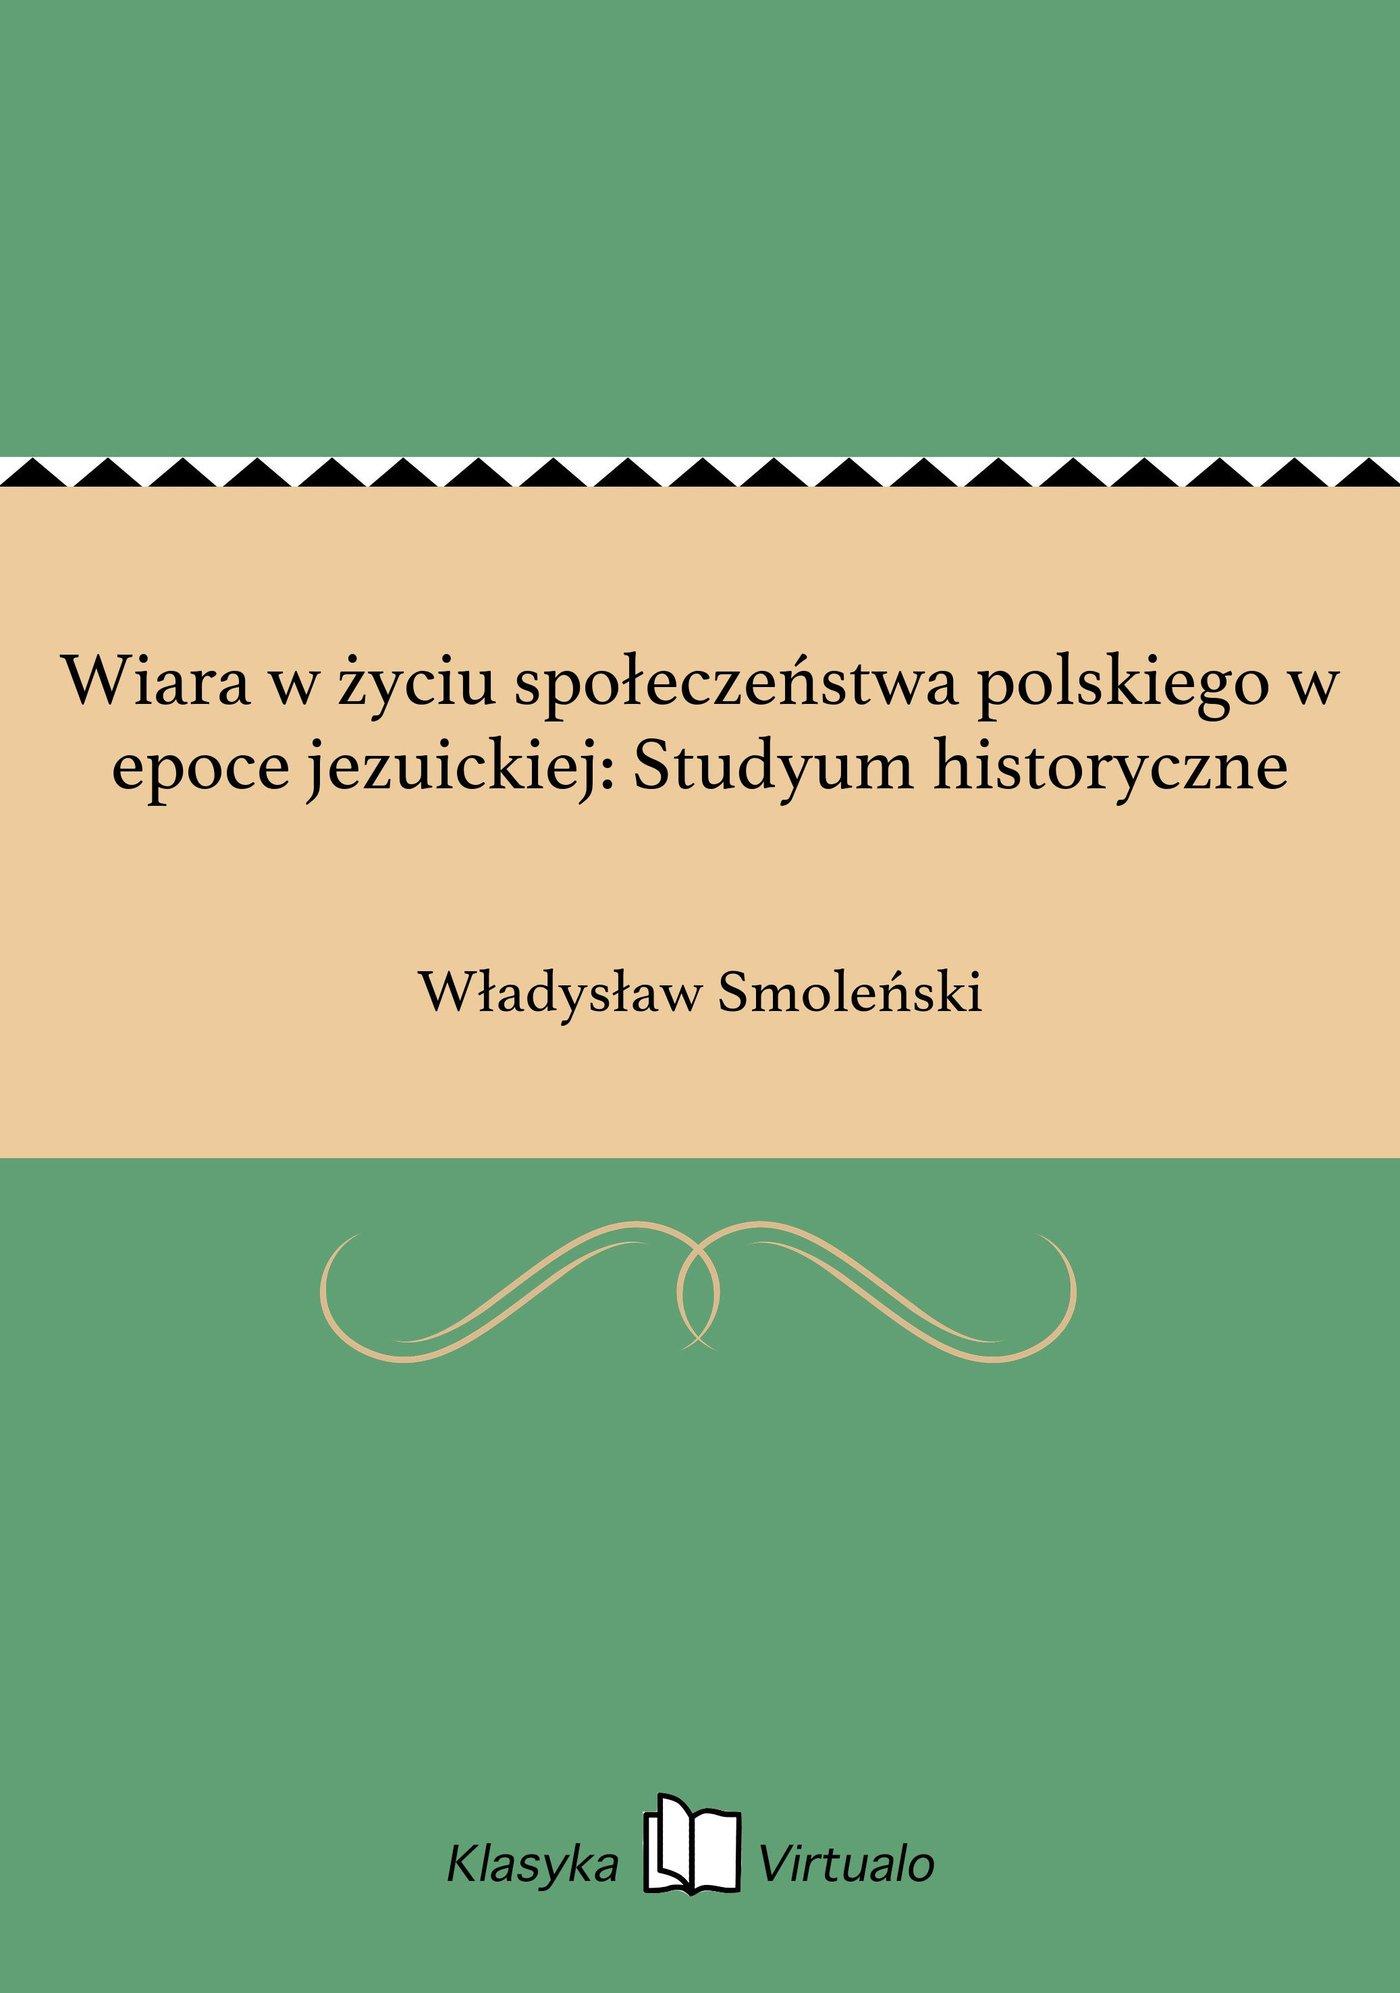 Wiara w życiu społeczeństwa polskiego w epoce jezuickiej: Studyum historyczne - Ebook (Książka na Kindle) do pobrania w formacie MOBI